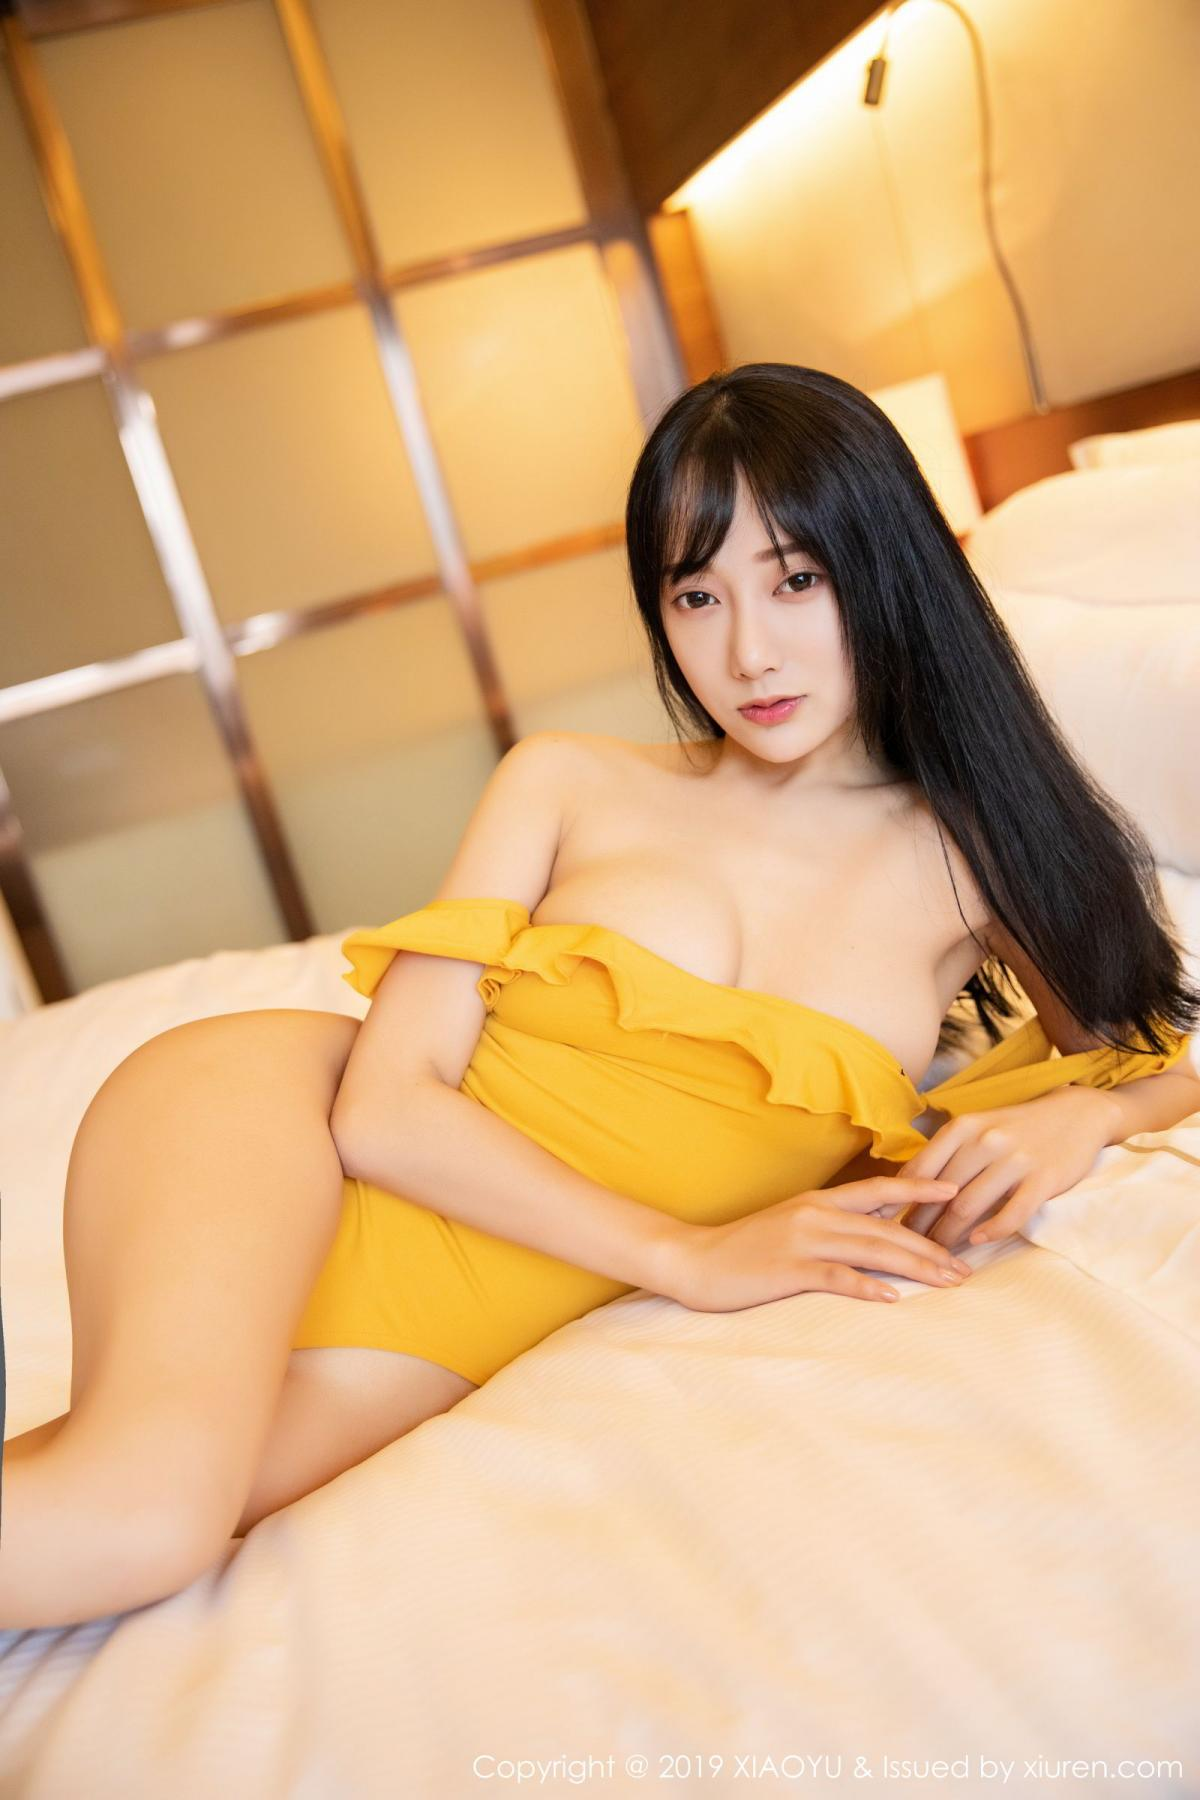 [XiaoYu] Vol.140 He Jia Ying 39P, He Jia Ying, Tall, XiaoYu